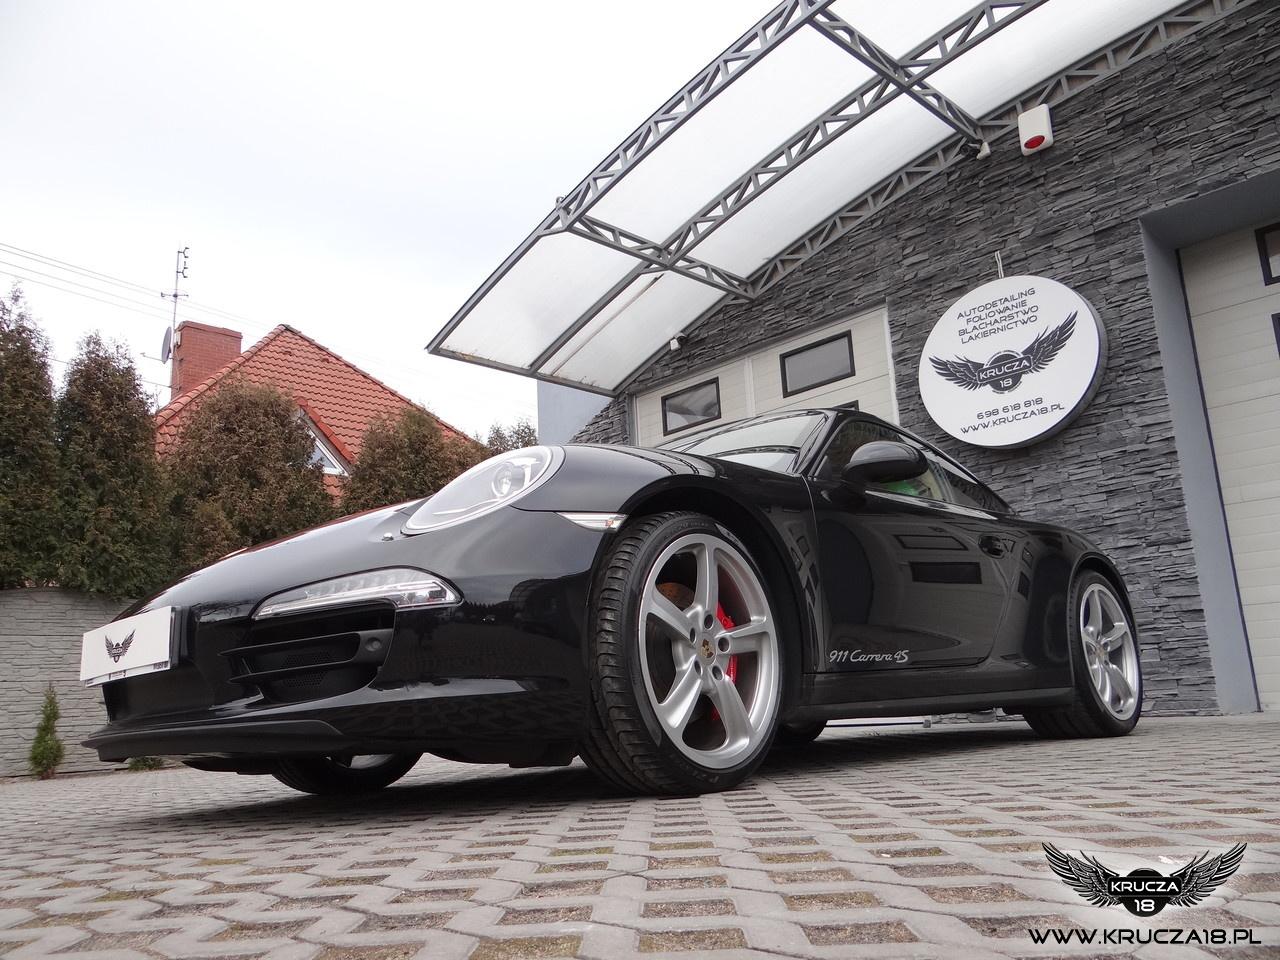 Porsche 911 Carrera 4S : zabezpieczenie bezbarwna folią Premium Shield : autodetailing : korekta lakieru : Krucza18 : Osielsko/k.Bydgoszczy